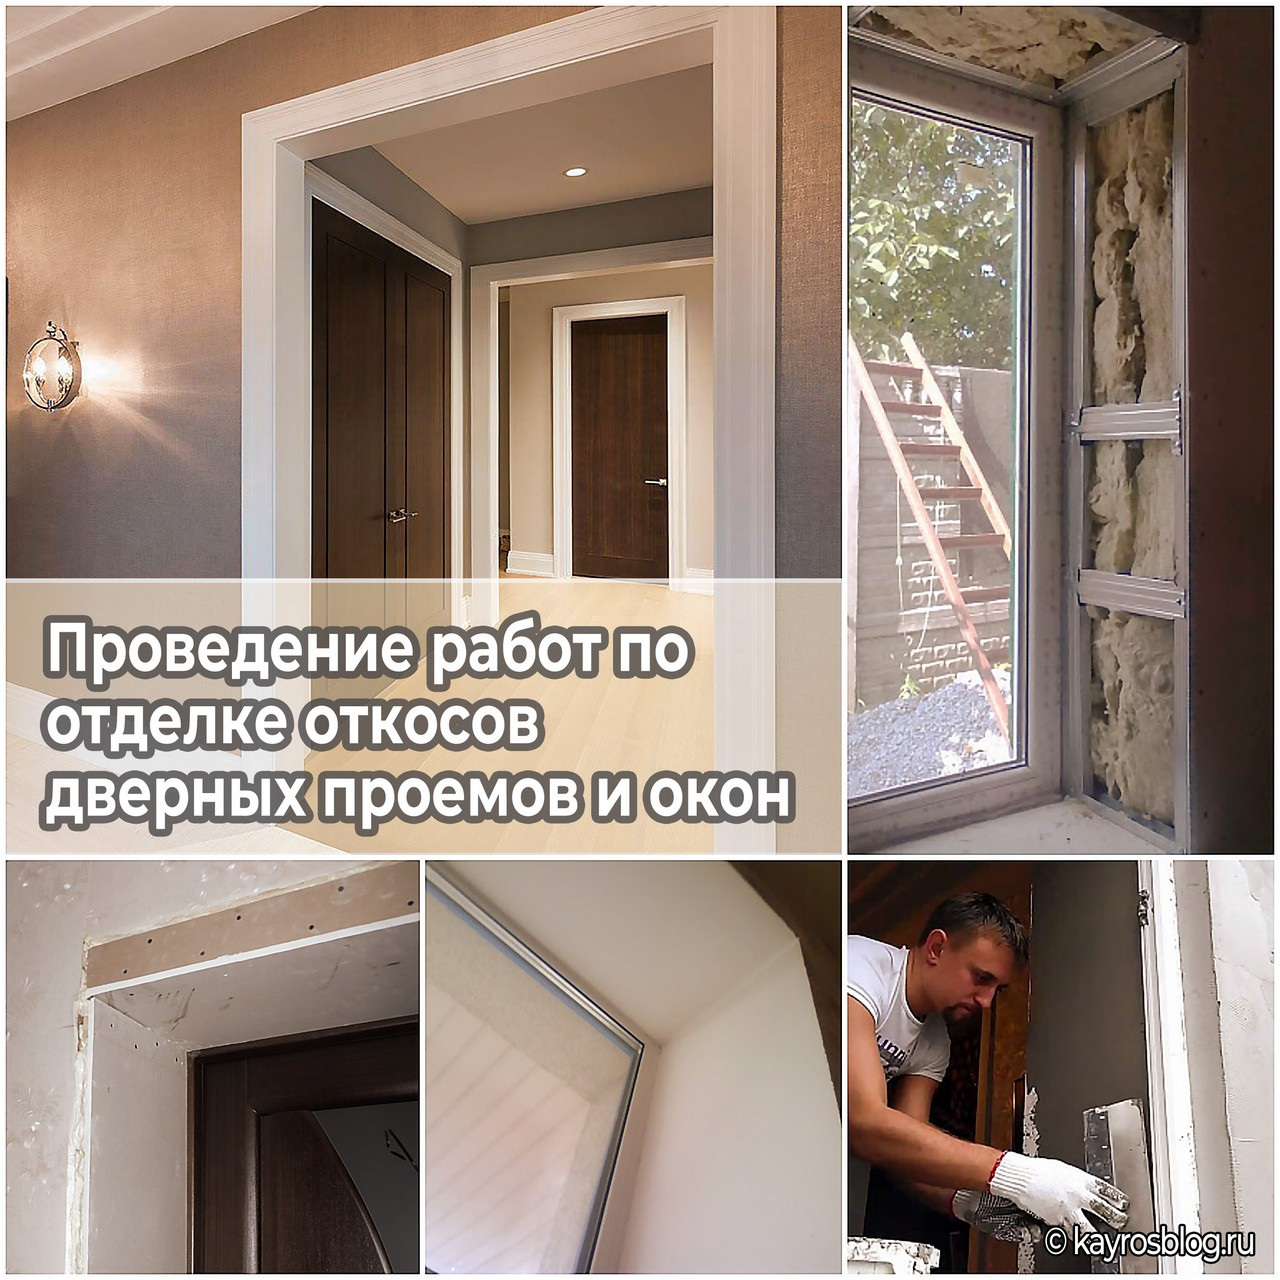 Проведение работ по отделке откосов дверных проемов и окон